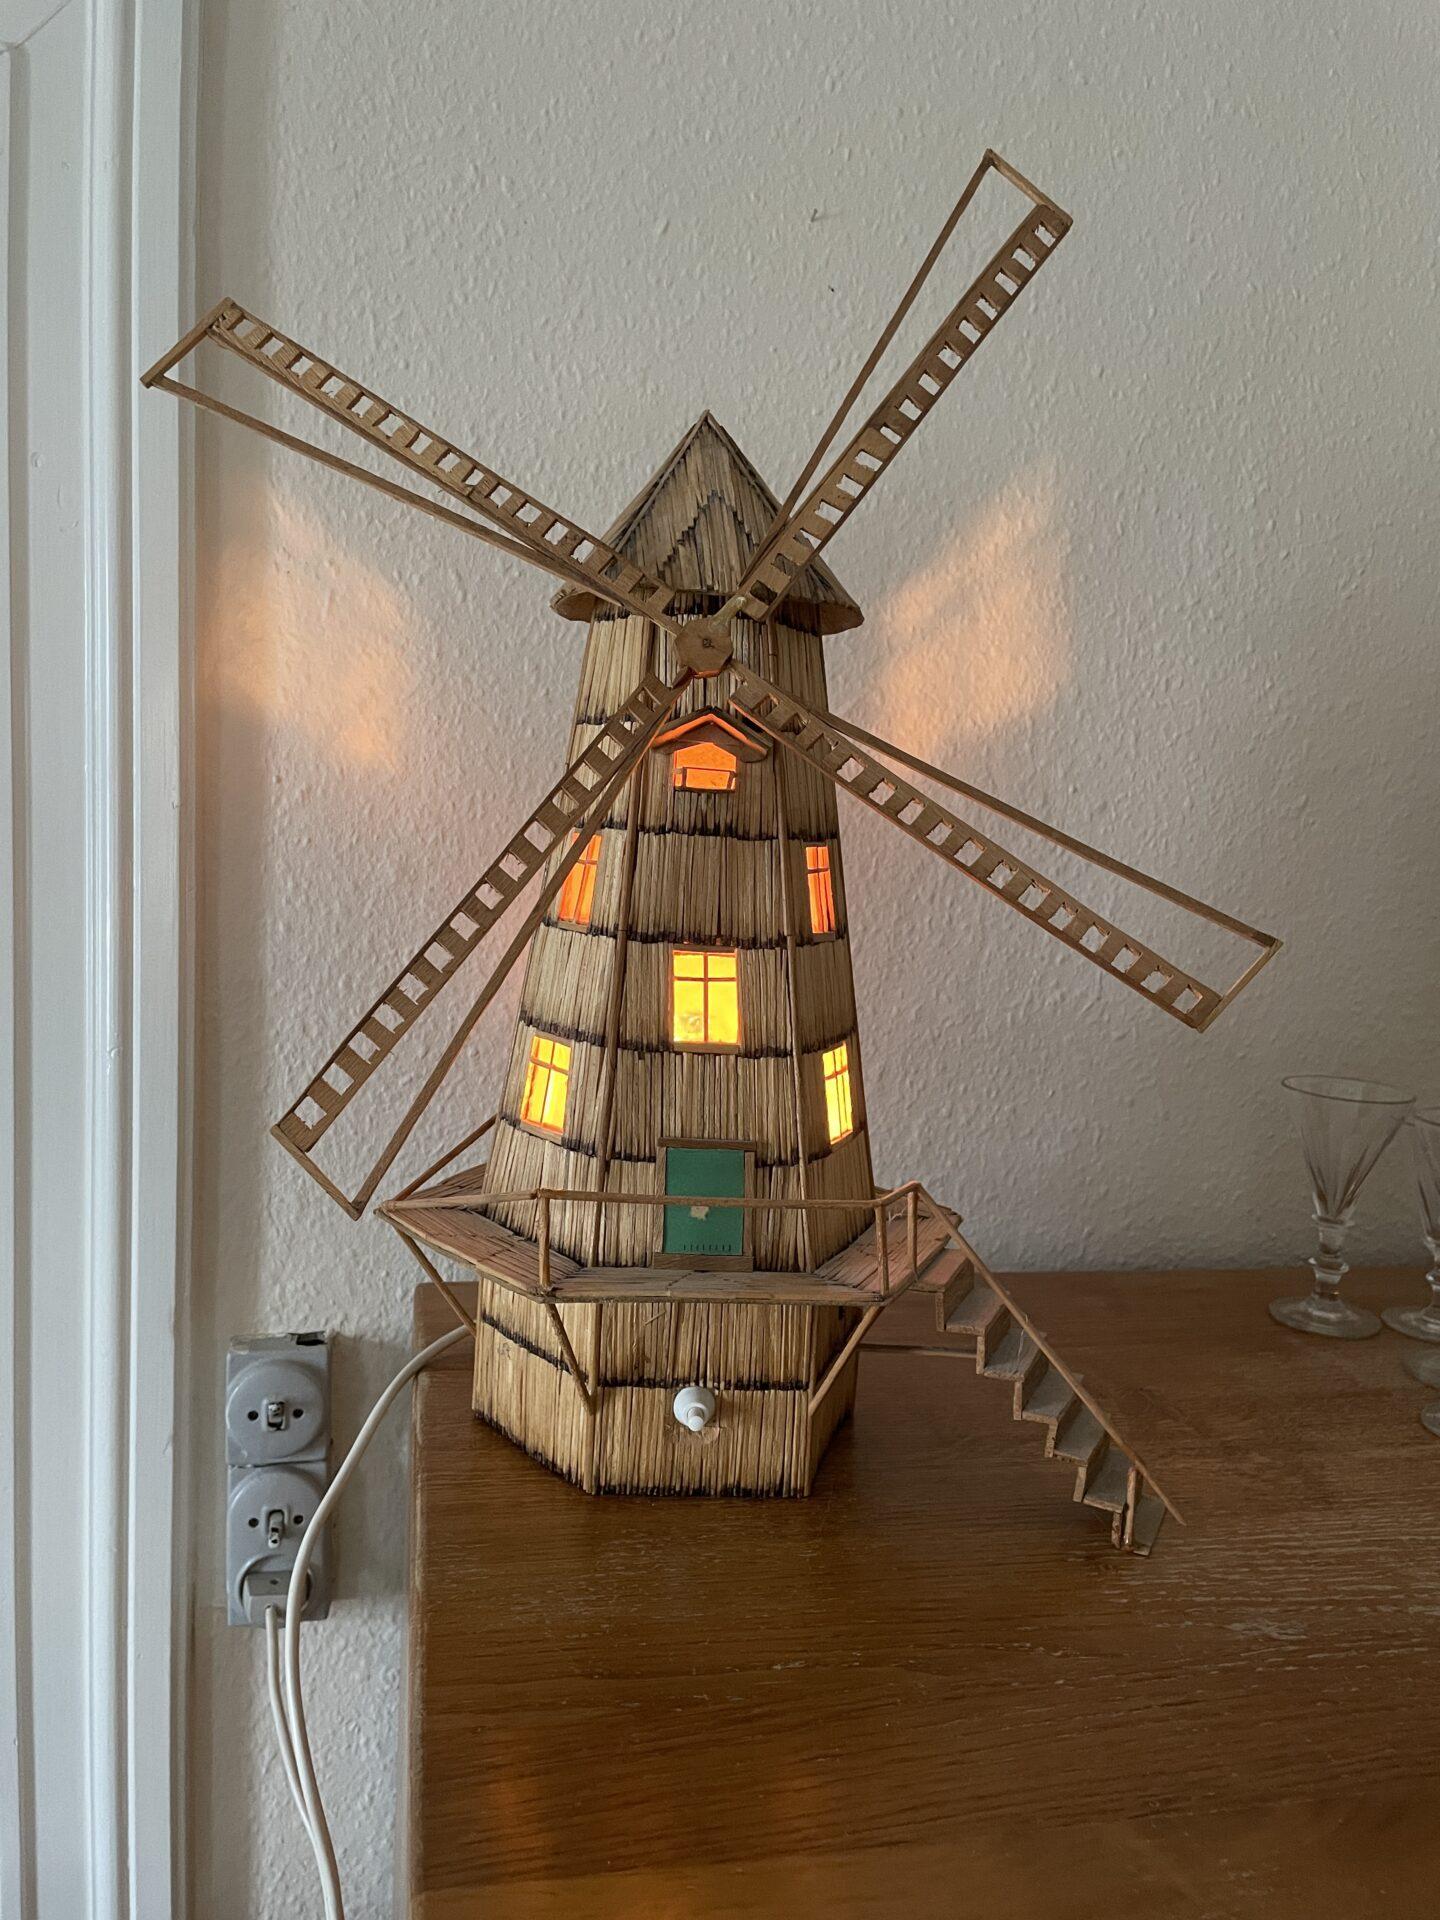 Bordlampe som mølle, fremstillet af tændstikker. H= ca 45 cm, pris 300kr